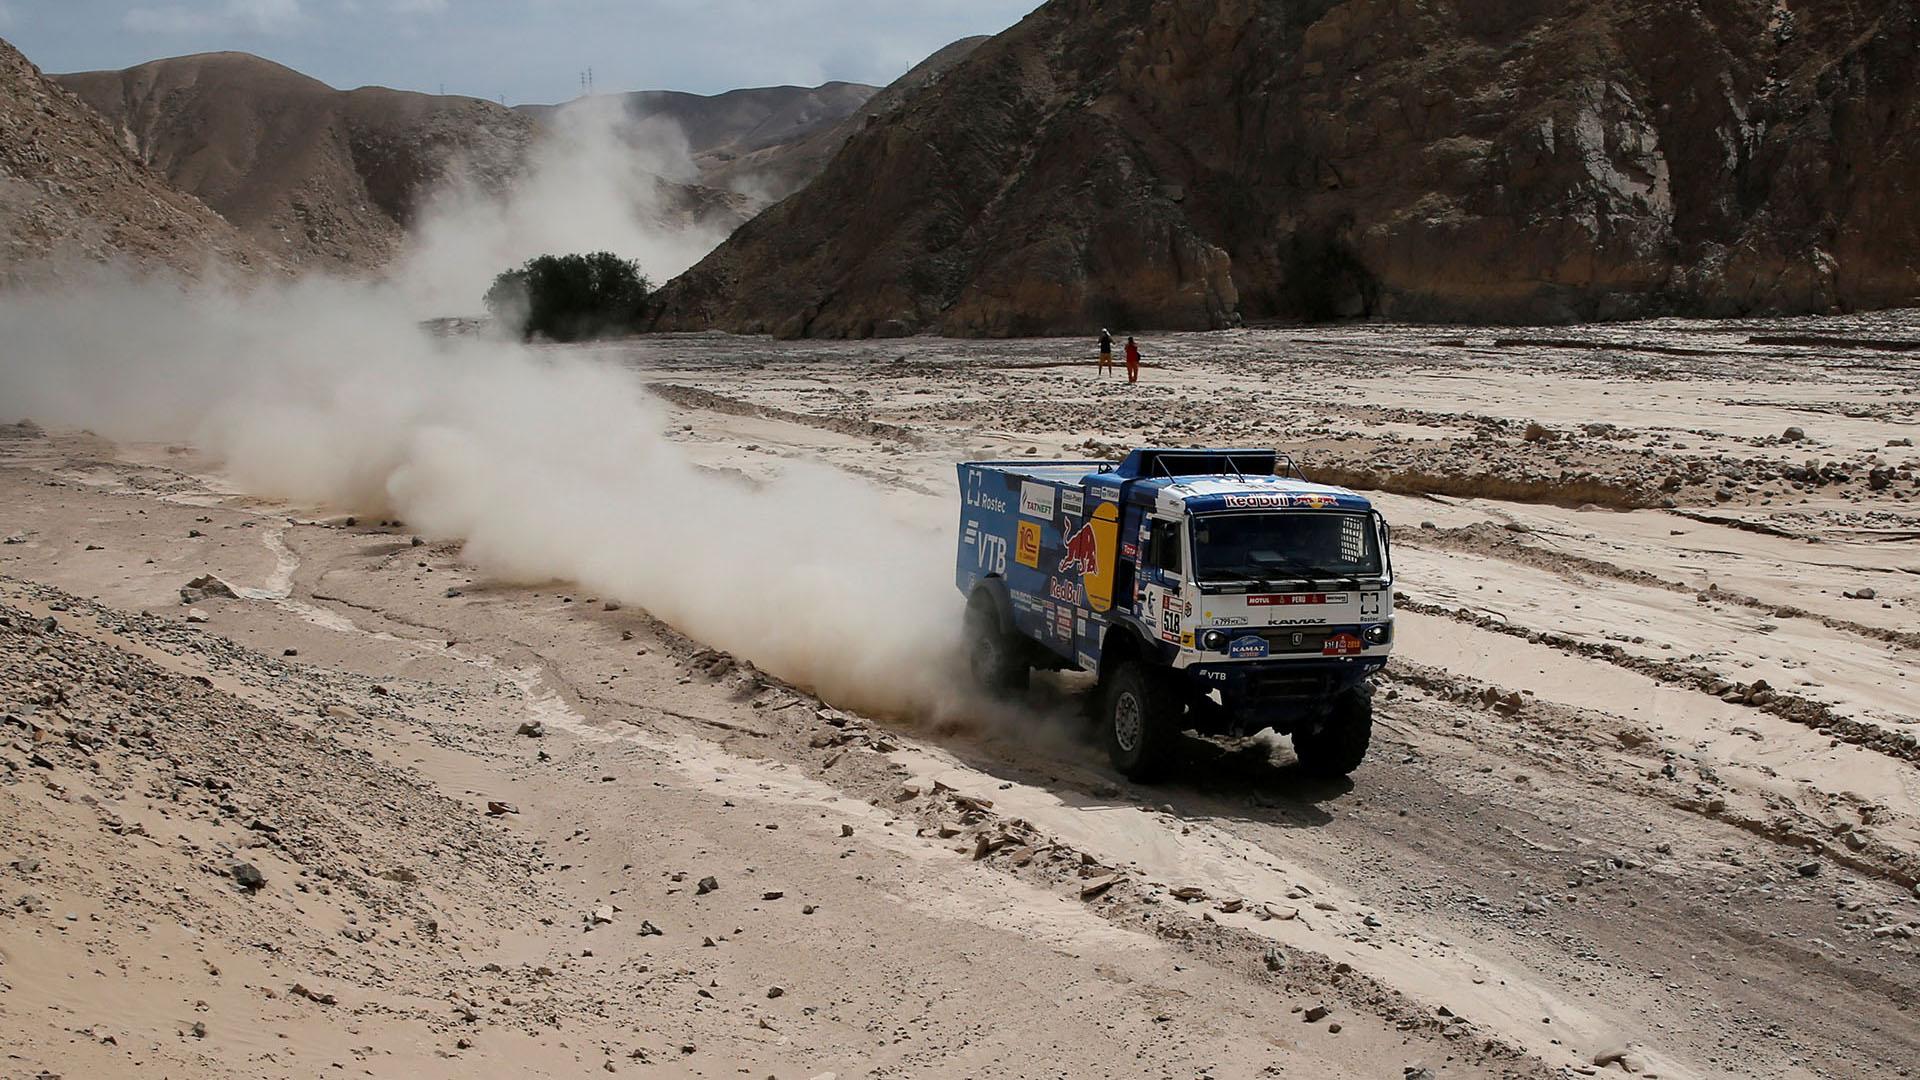 Derrotado por la mínima ayer, Ricky Brabec ha reaccionado como el campeón que es en la ruta hacia Moquegua (REUTERS)